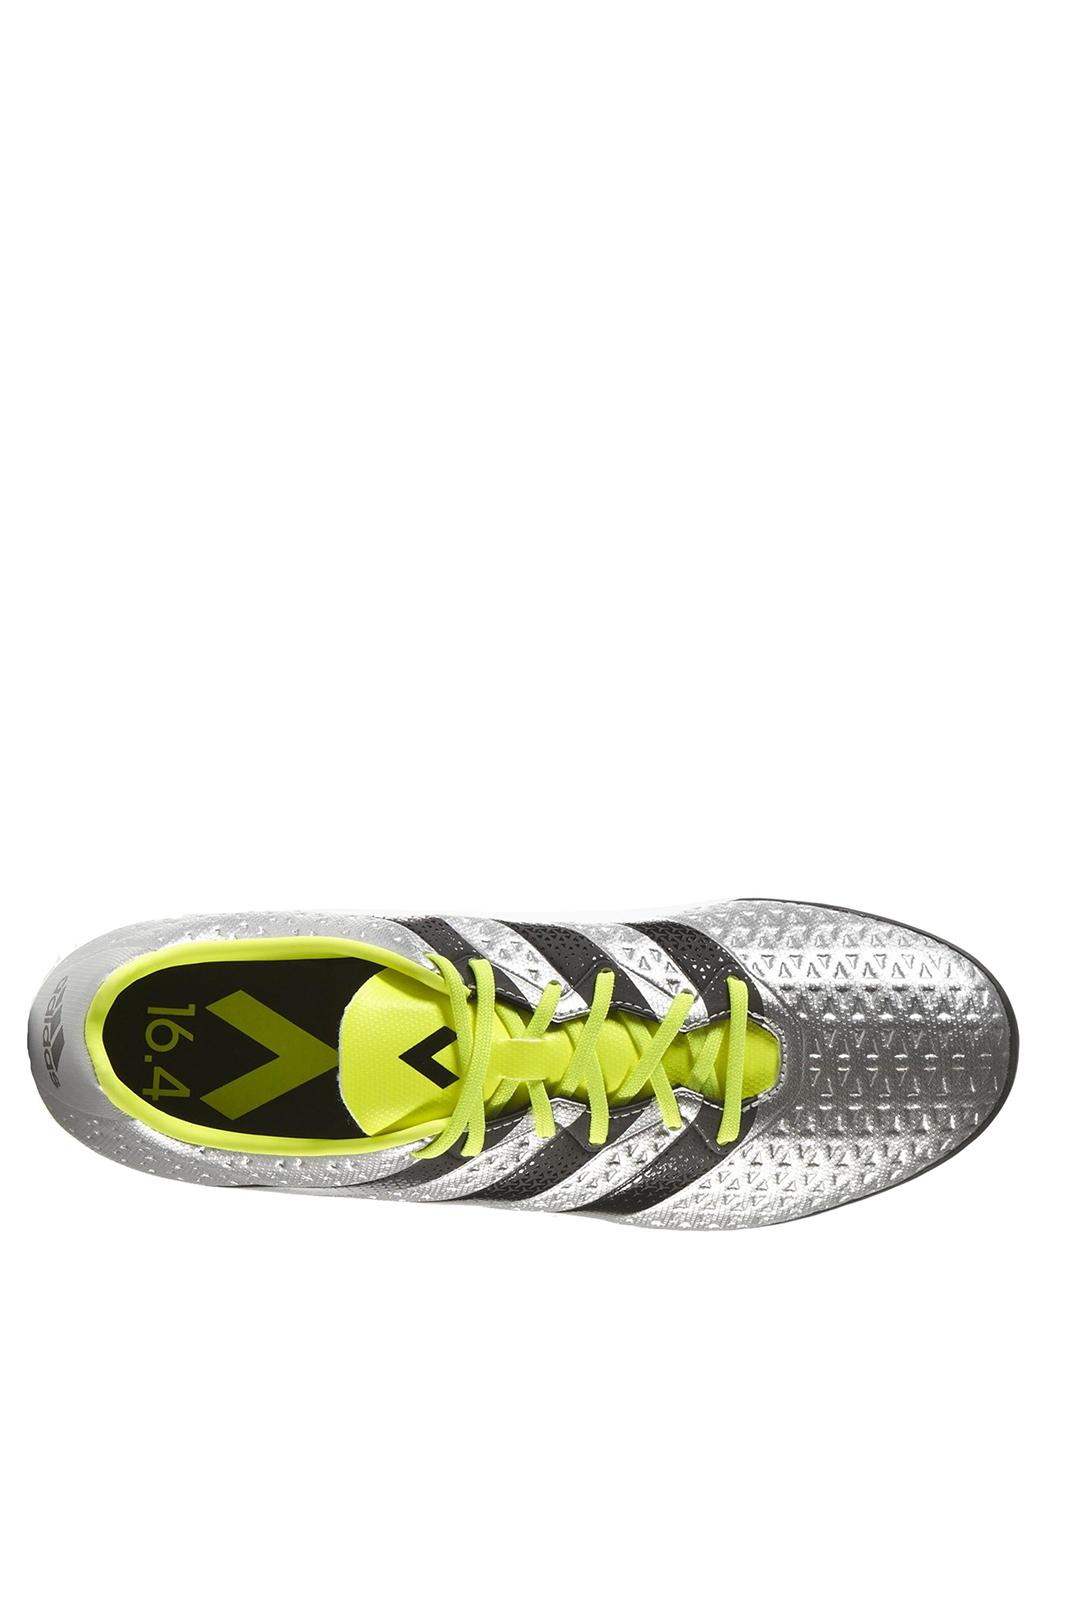 Baskets / Sport  Adidas S31977 ACE 16.4 TF GREY